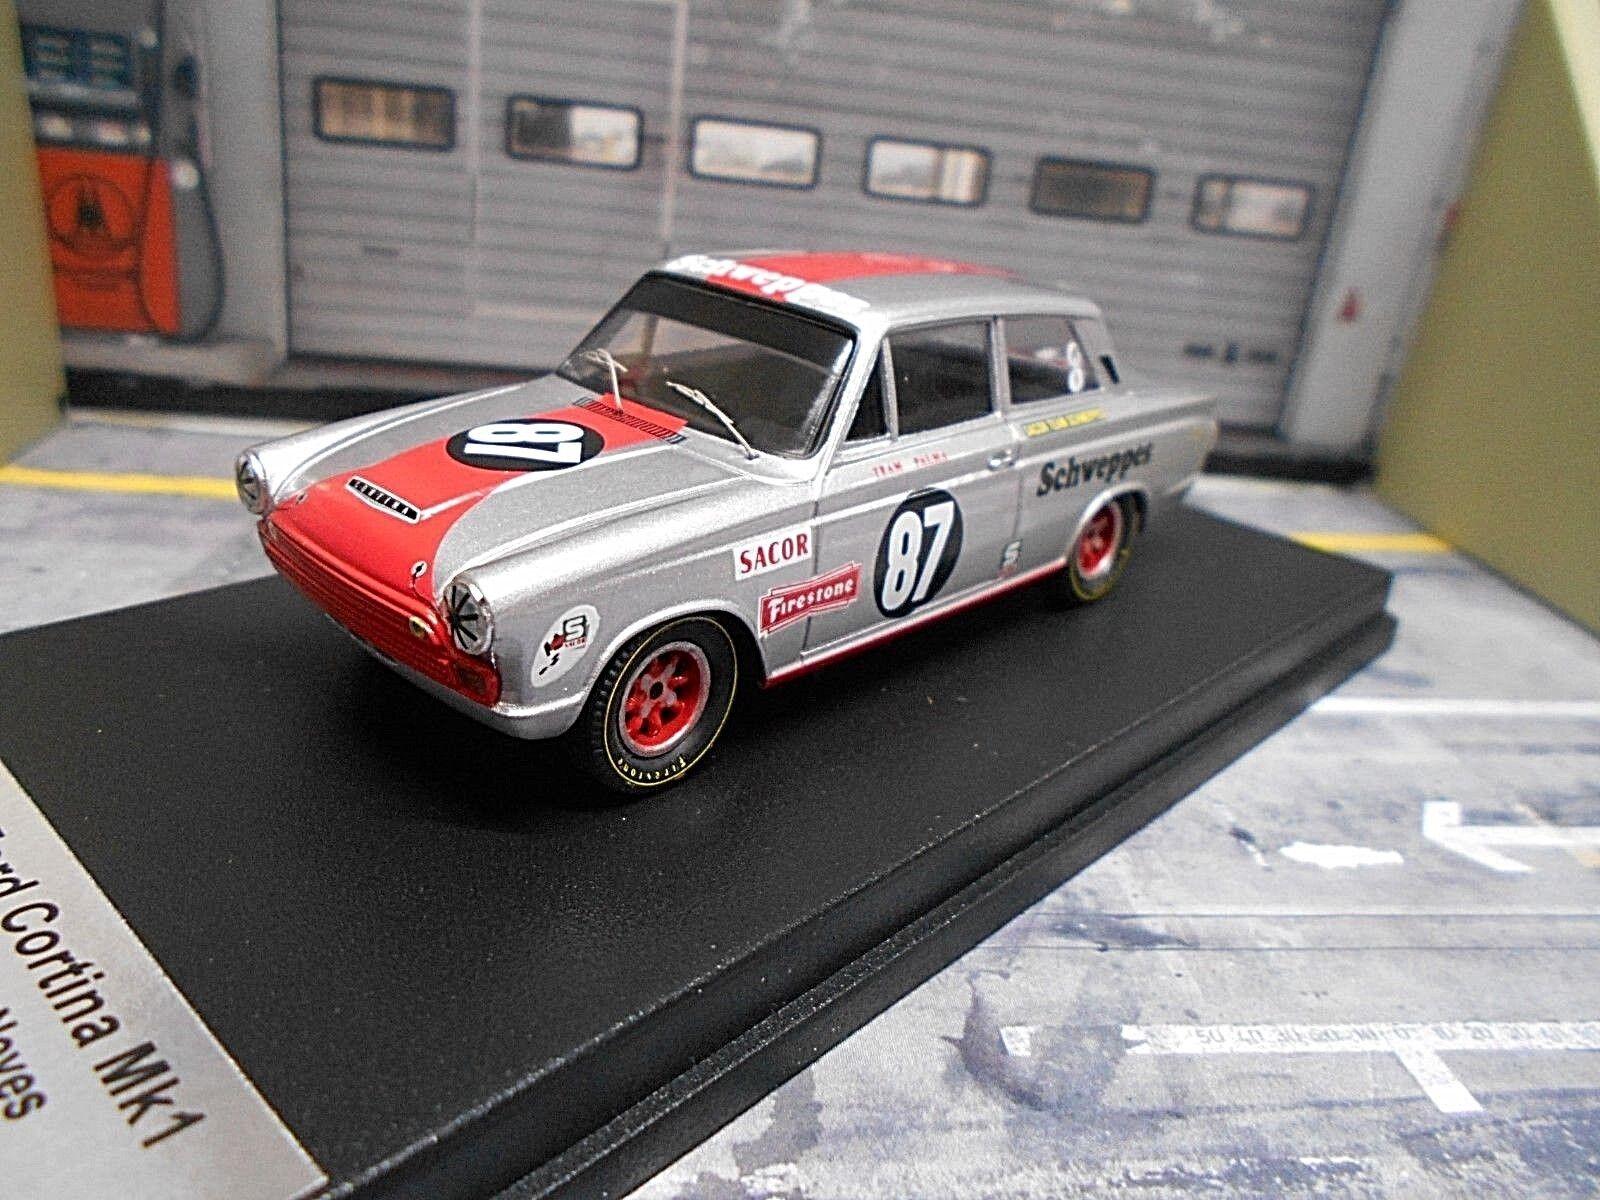 precios bajos todos los dias Ford cortina MKI racing viajes auto auto auto Spain 1968  87 neves Vila Real Trofeu 1 43  Para tu estilo de juego a los precios más baratos.